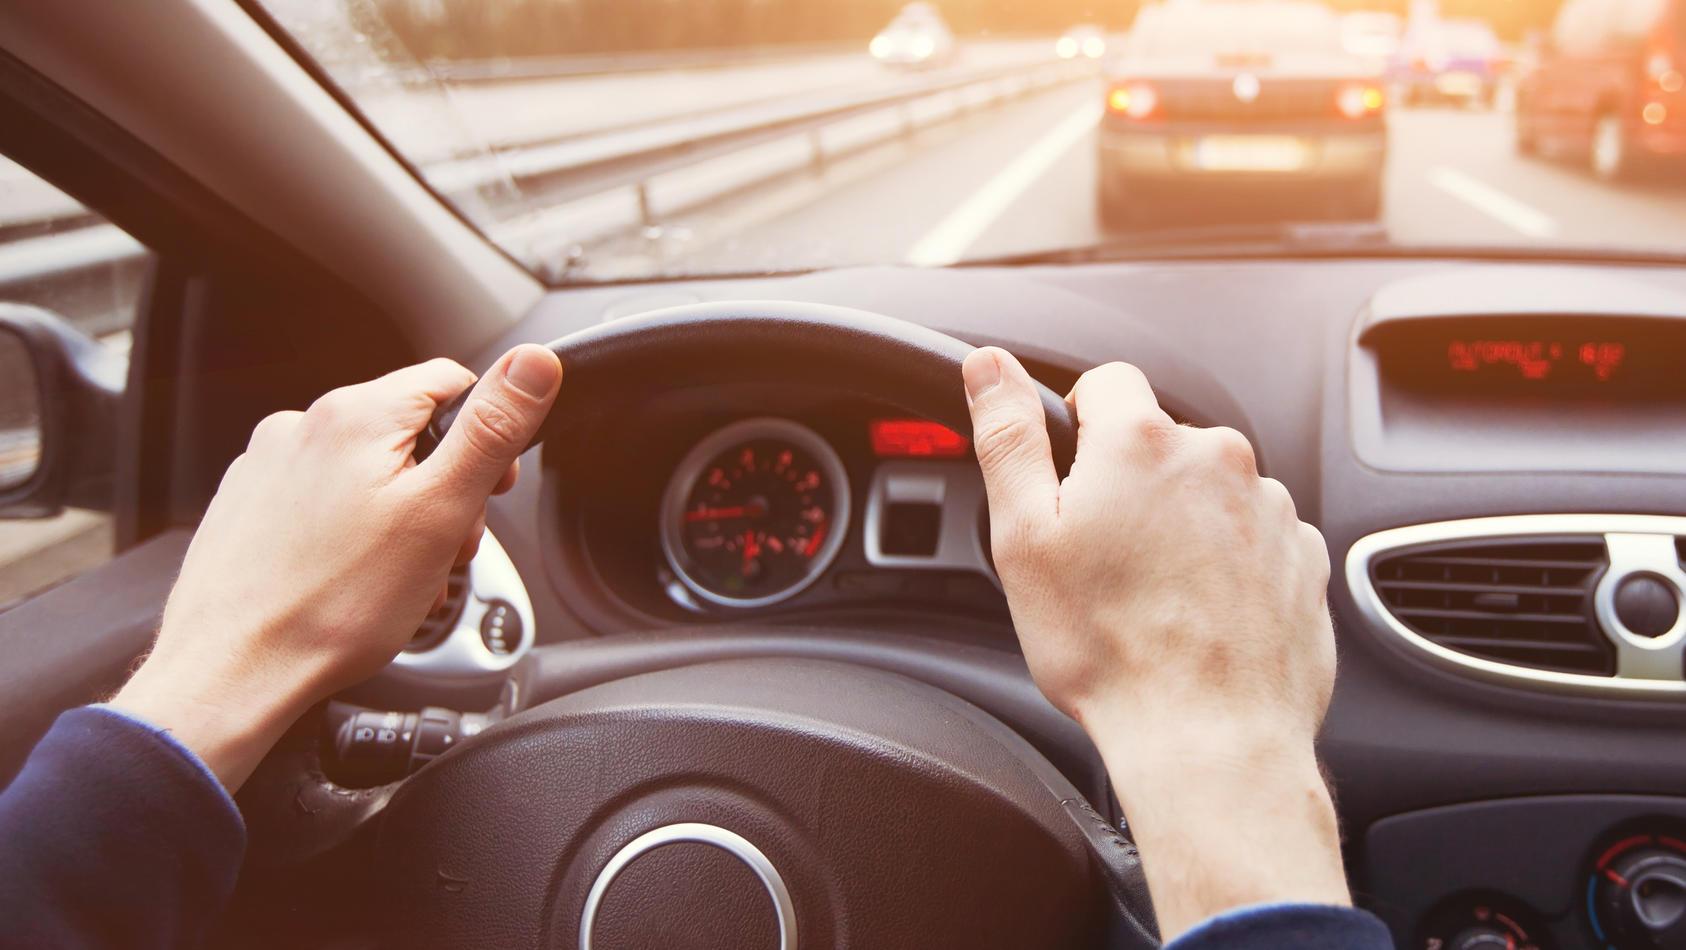 Um der Gefahr einer Ansteckung mit dem Coronavirus vorzubeugen, fahren viele von uns gerade wieder mehr mit dem Auto. Doch auch dabei sollte man einiges beachten.